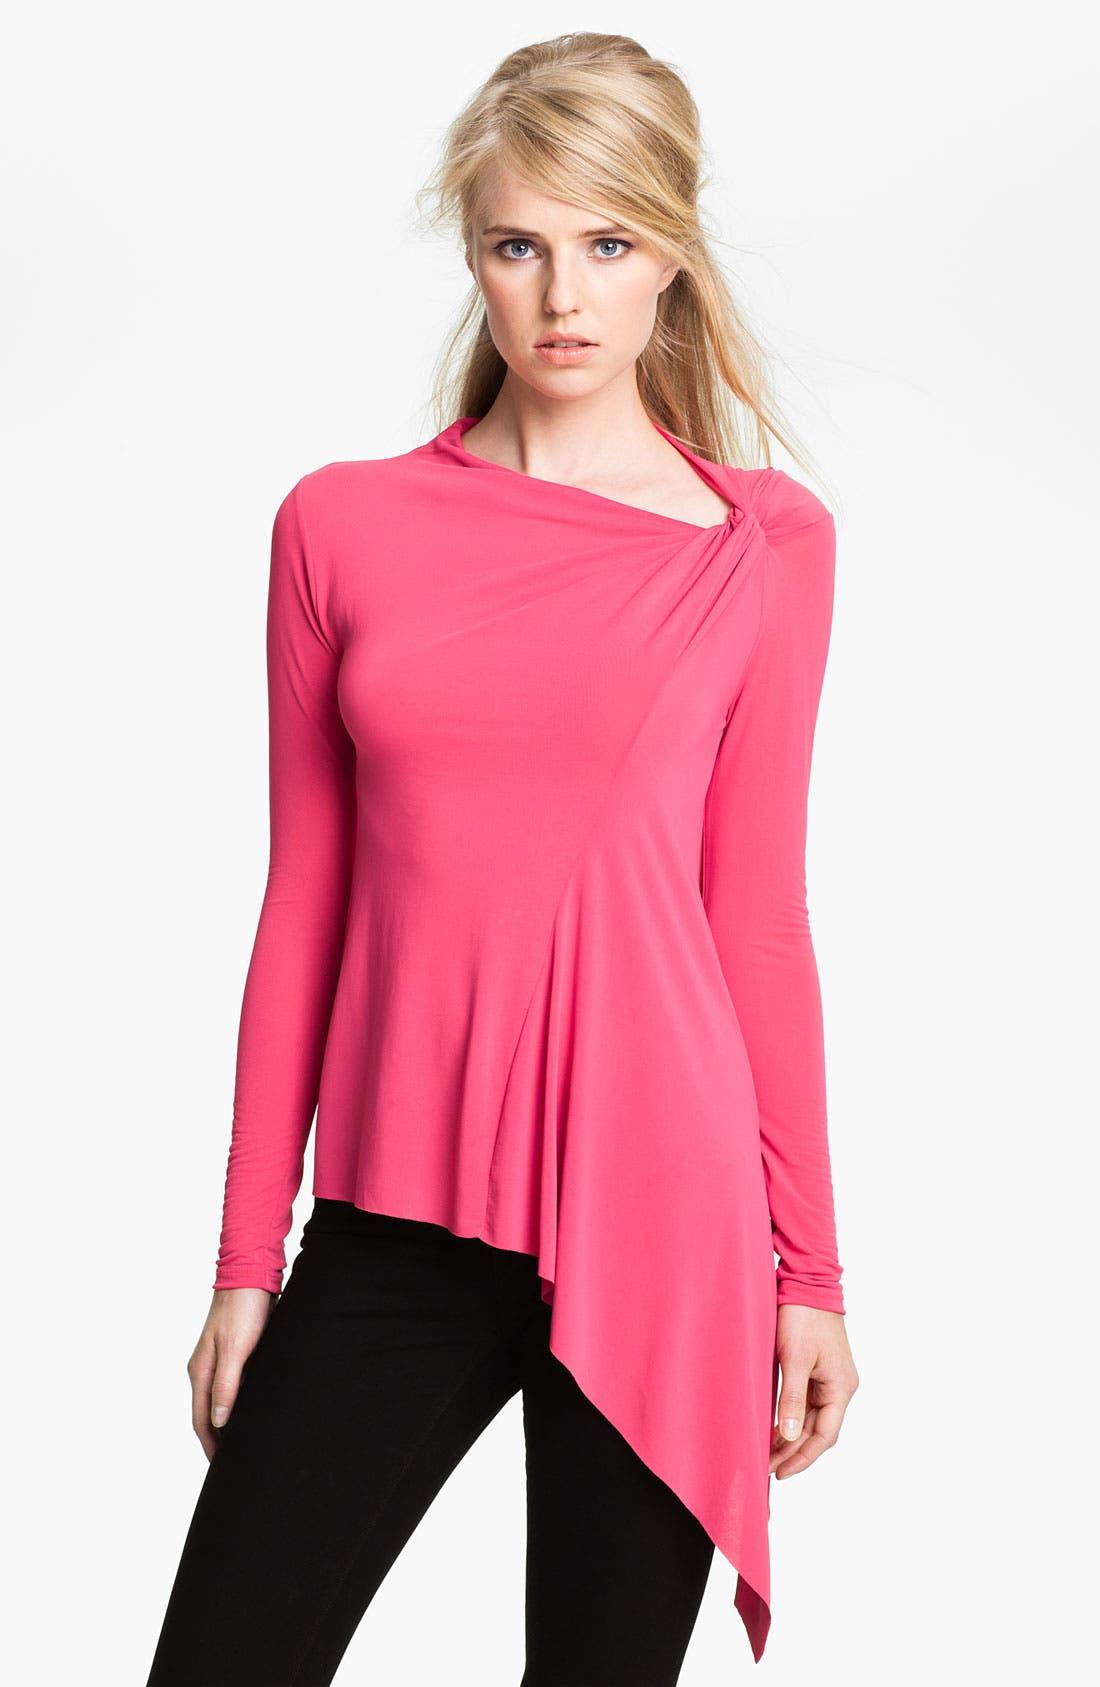 Alternate Image 1 Selected - Twenty8Twelve 'Bailey' Crepe Jersey Top